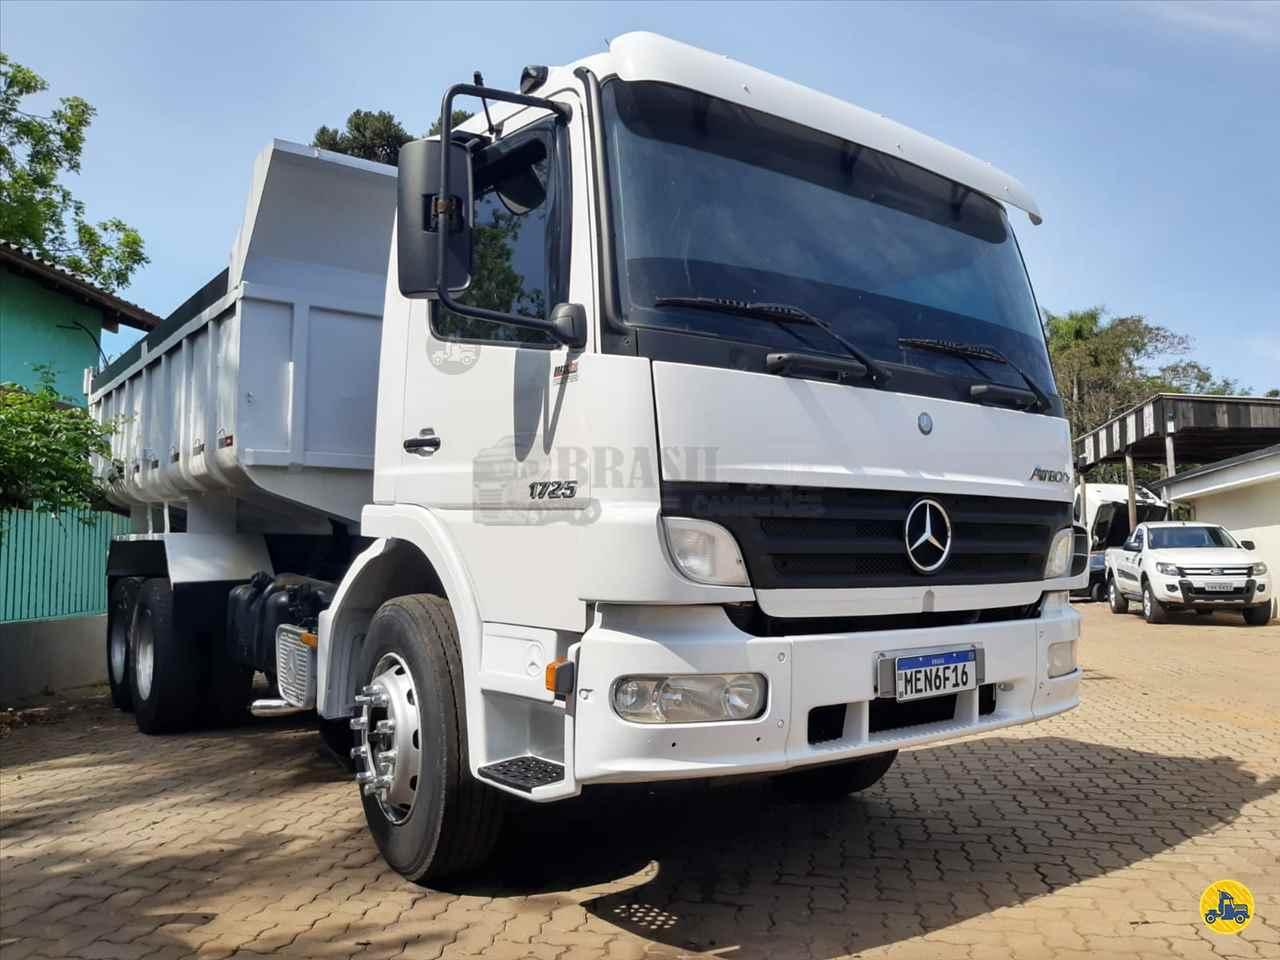 MB 1725 de Brasil Sul Caminhões - PORTAO/RS